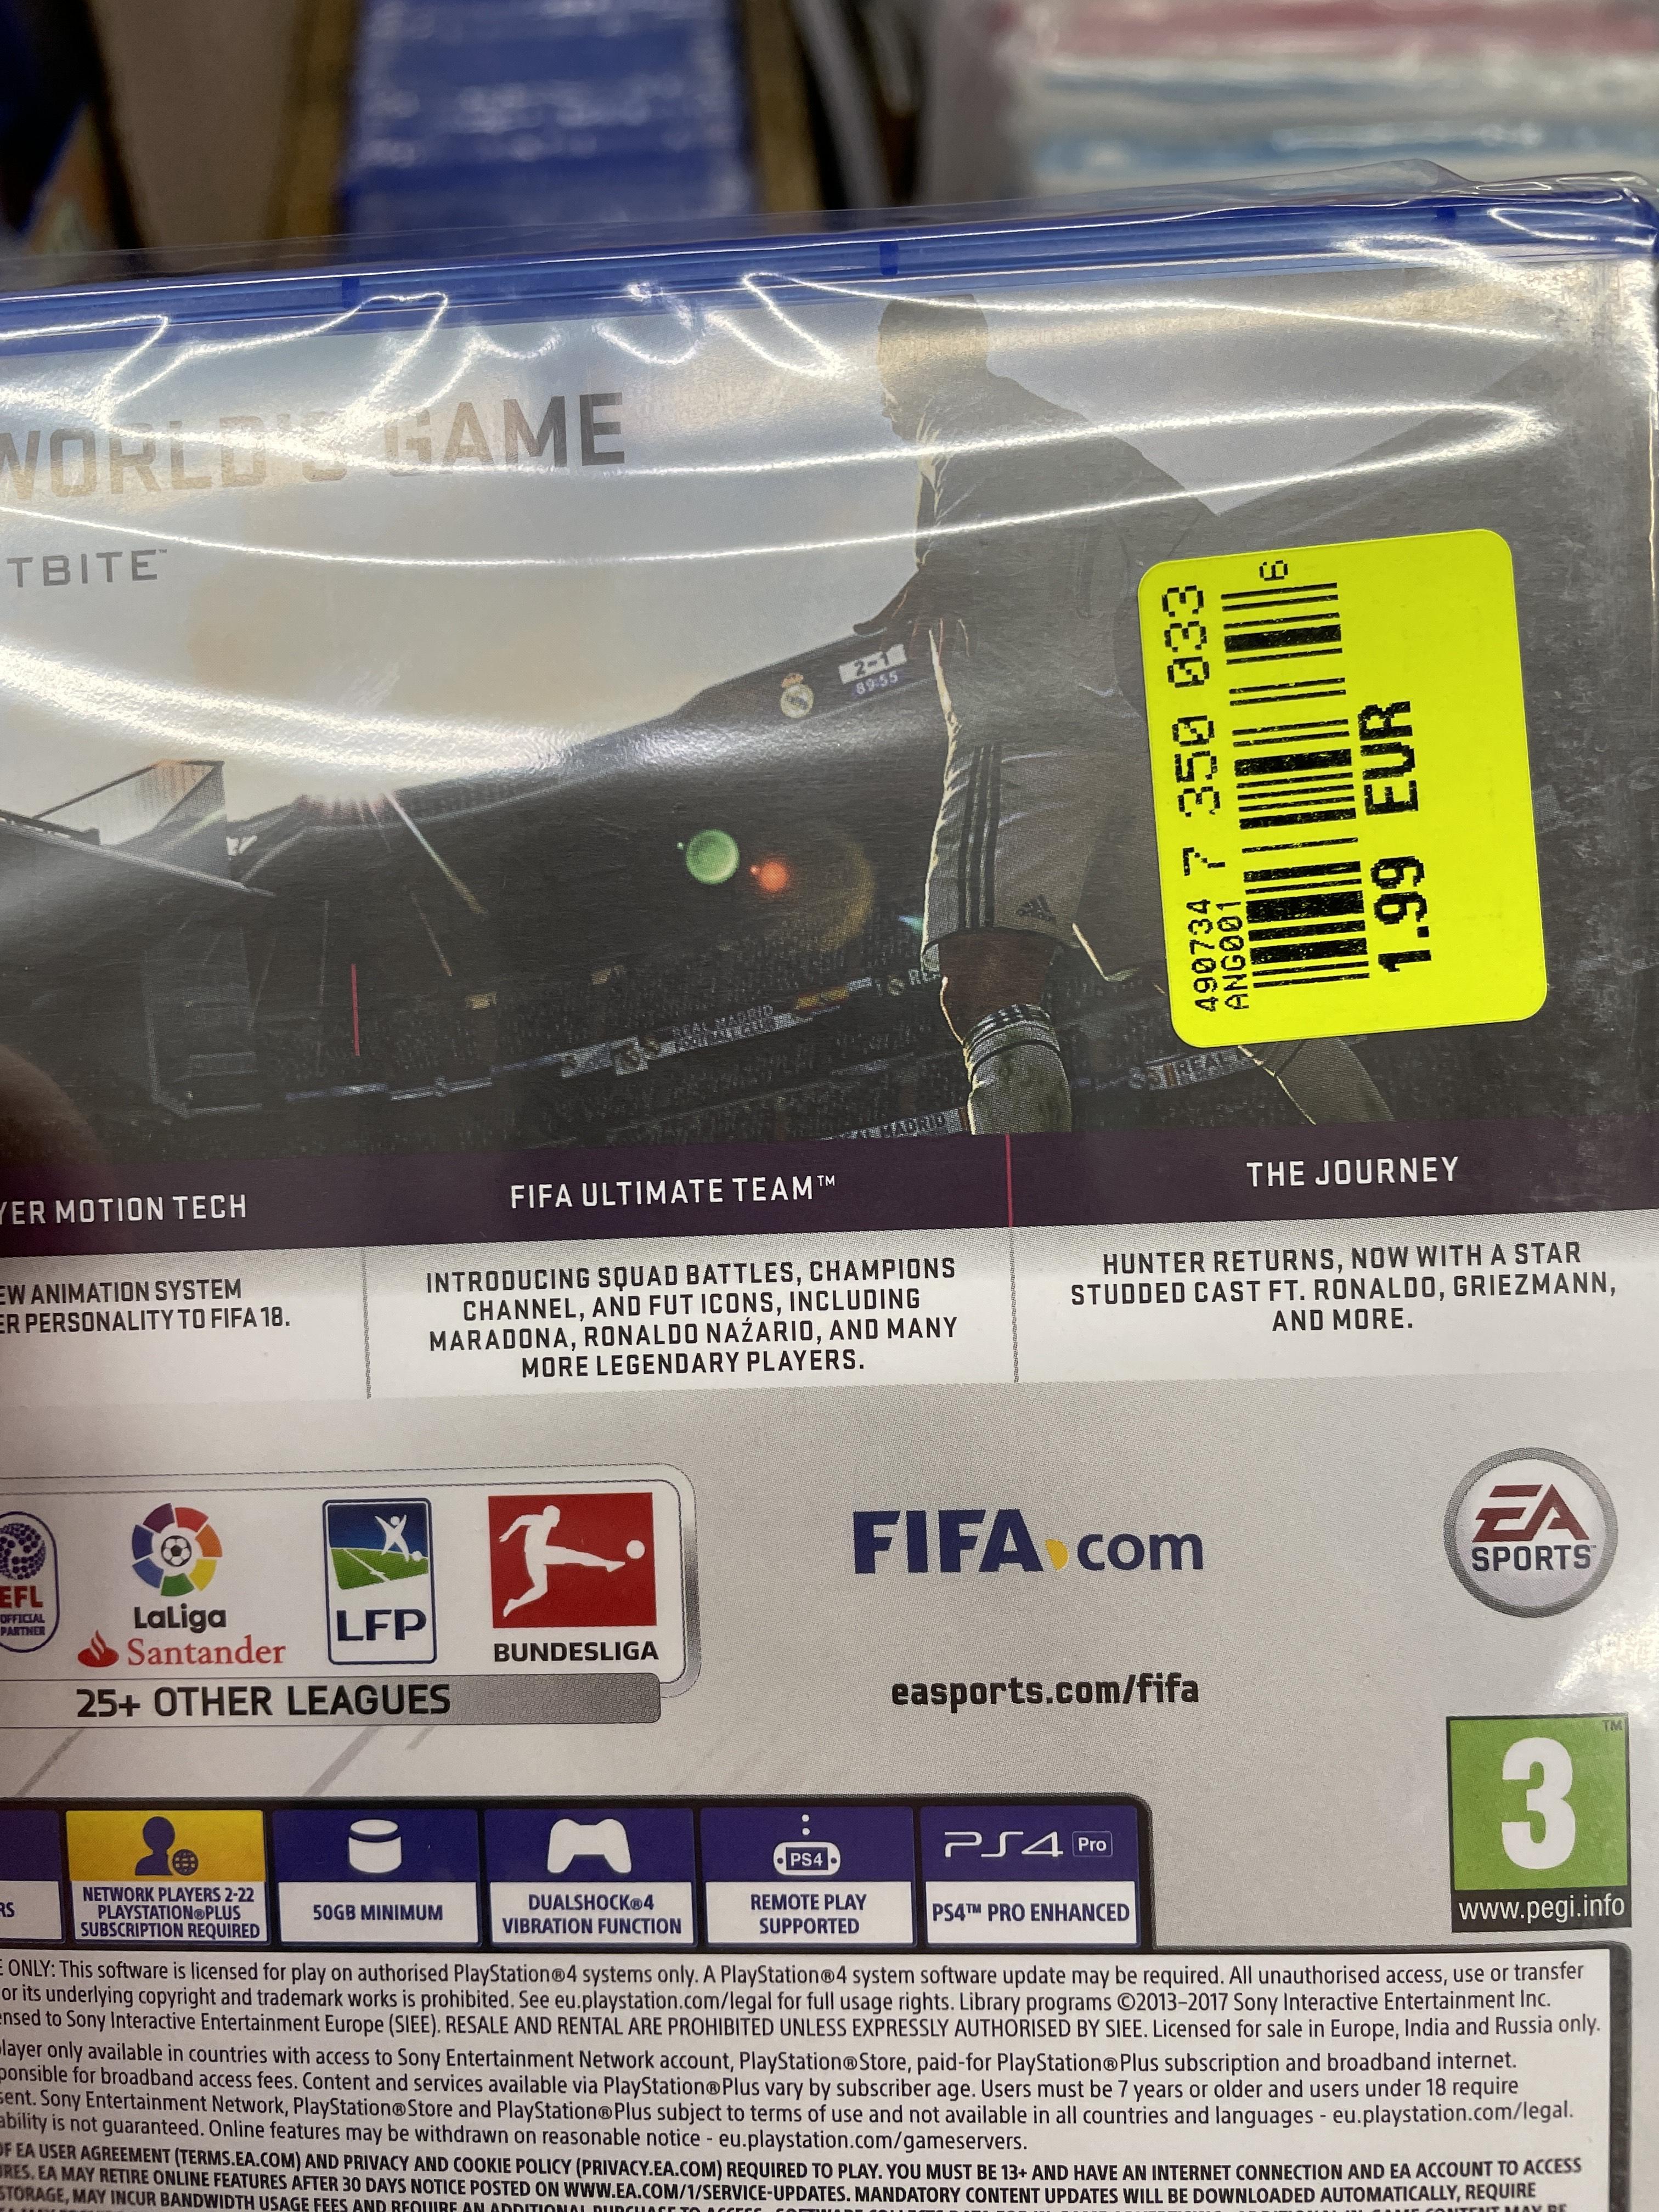 Jeu Fifa 18 sur PS4 à 1.99€ et Destiny 2 à 4.5€ - Provins (77)